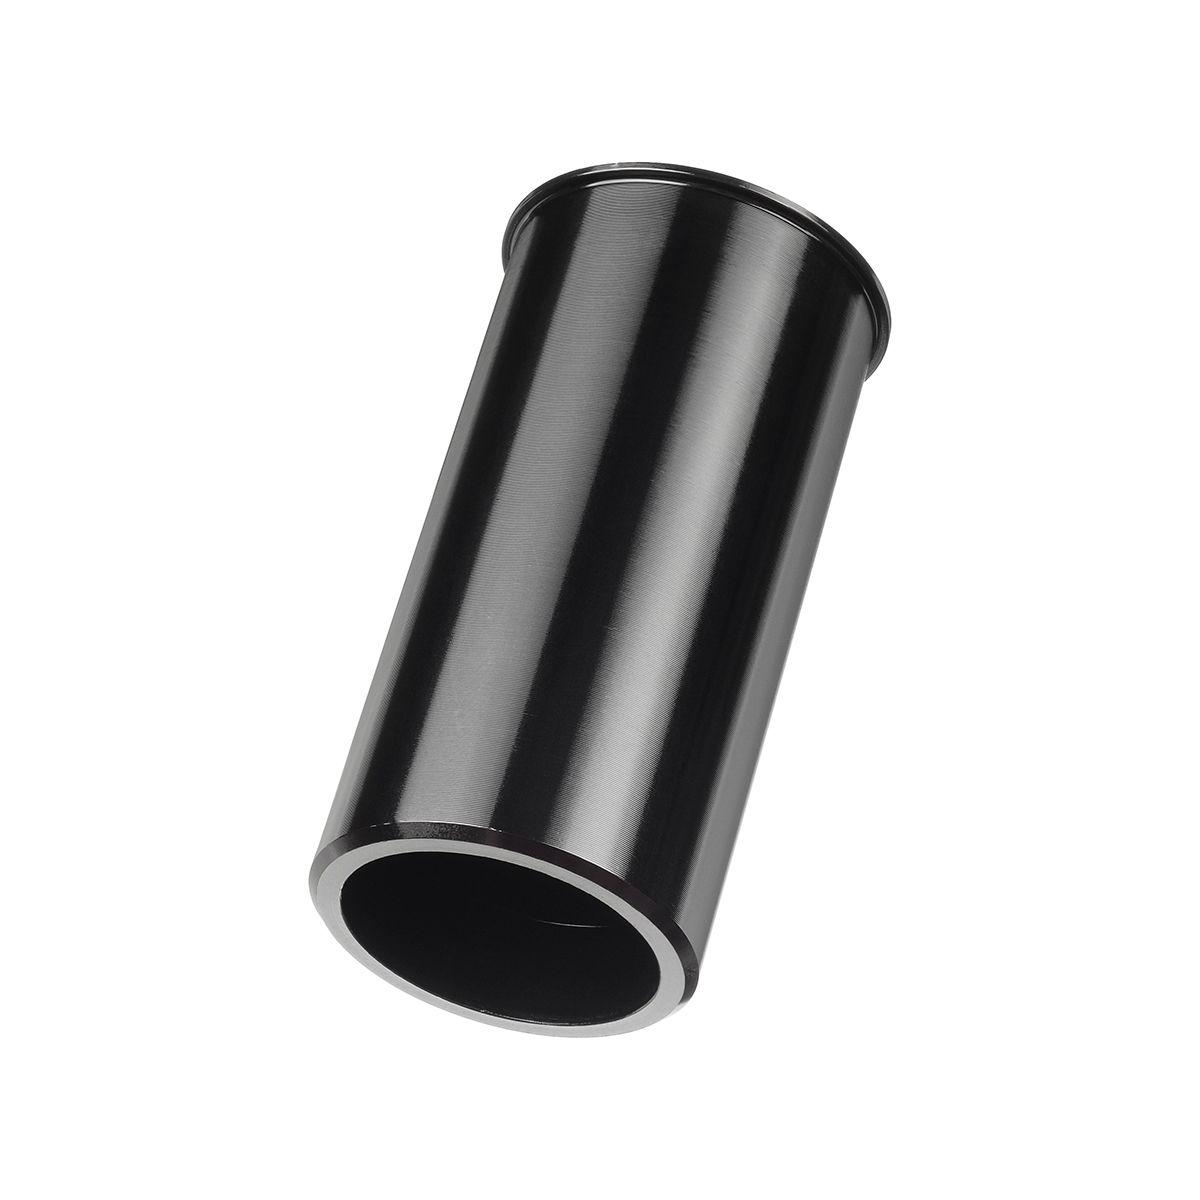 Адаптер (проставка) для руля c IHC на SCS 31,8 мм (закрыть пропил)